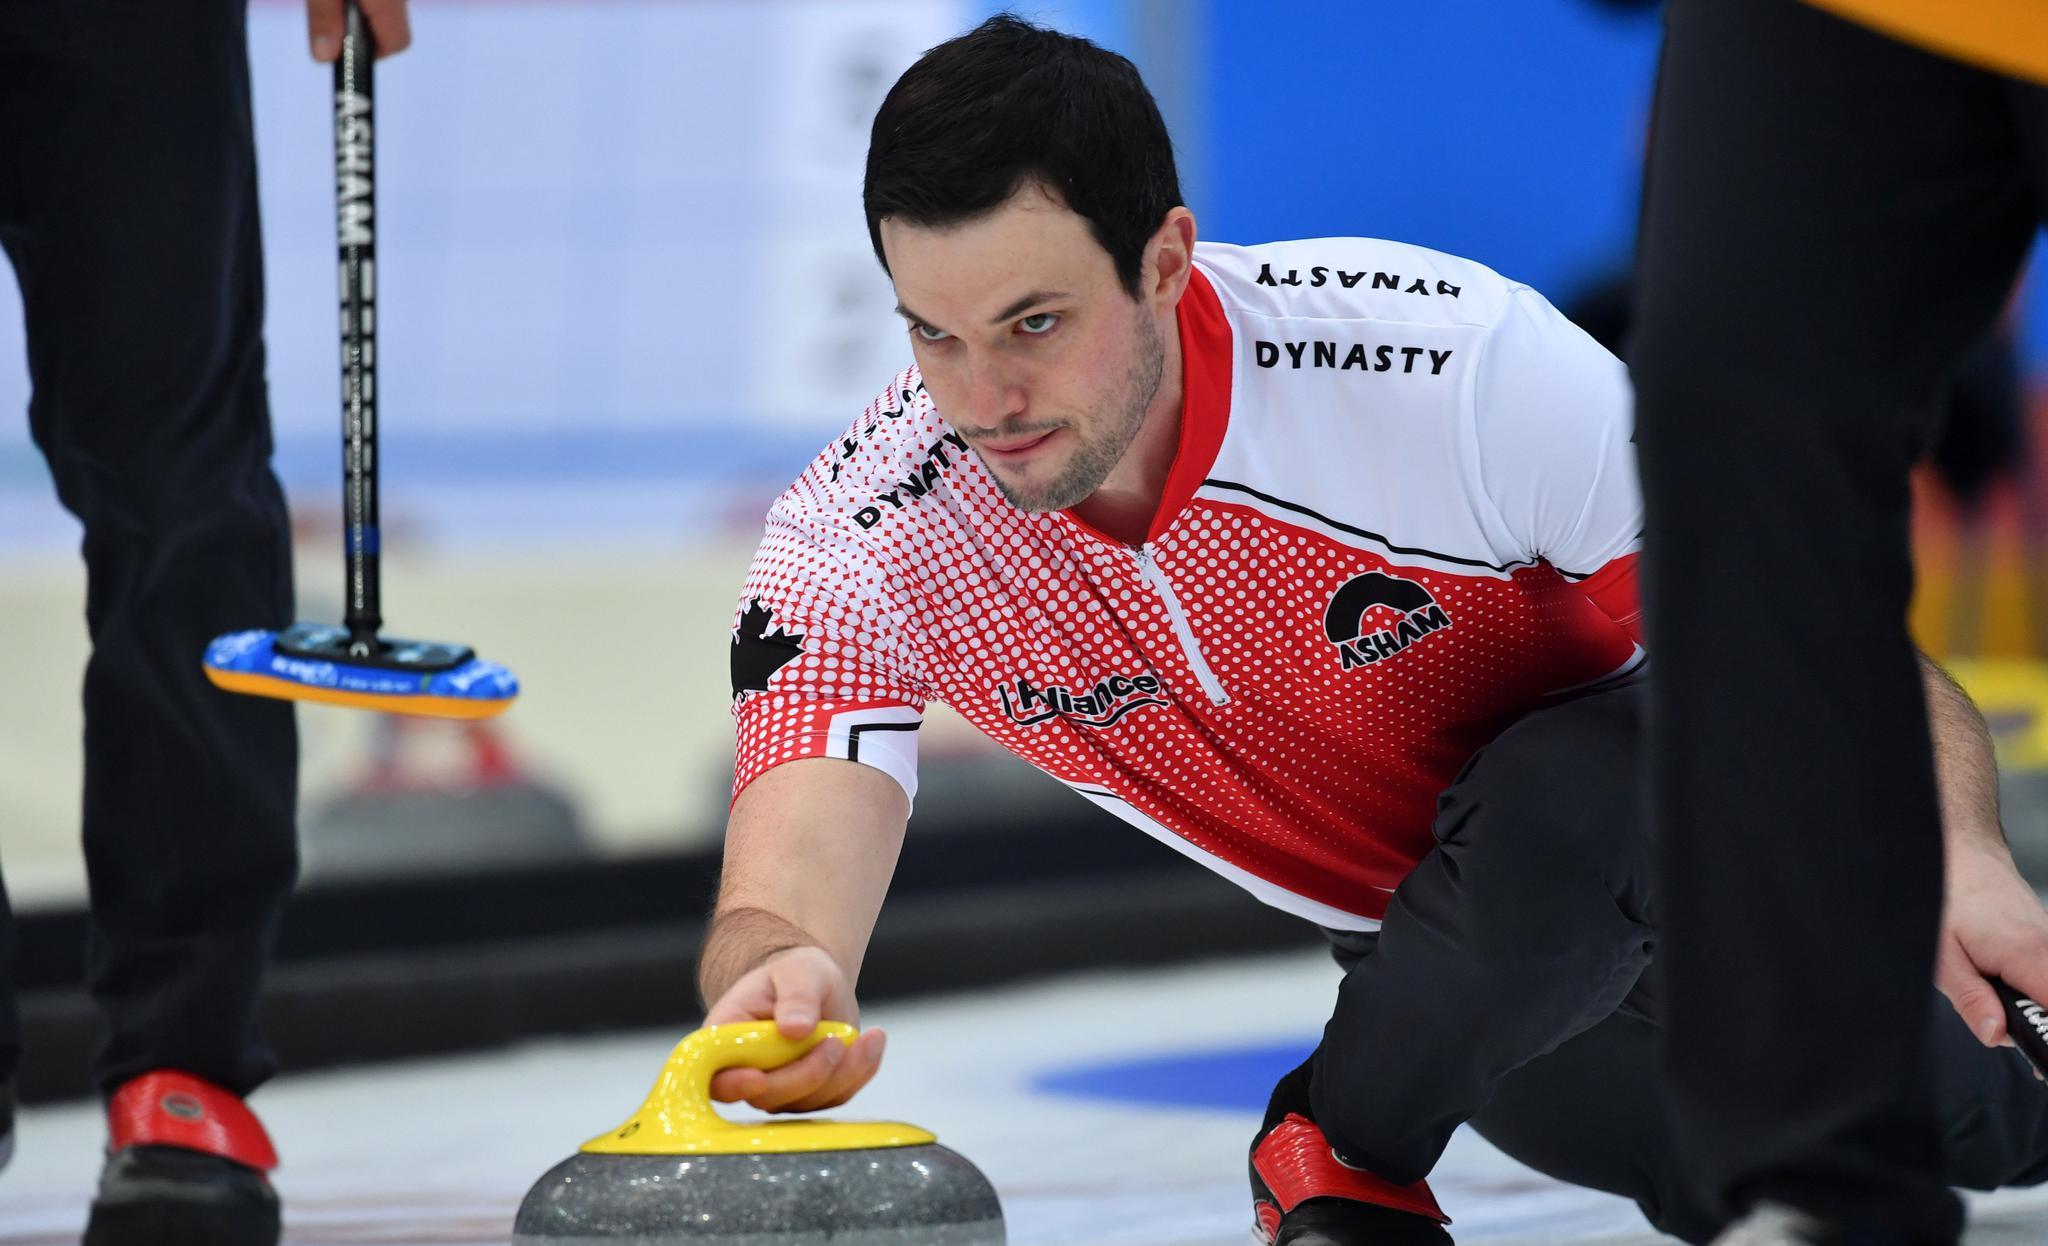 冰壶——天津国际公开赛:中国男队胜加拿大男队